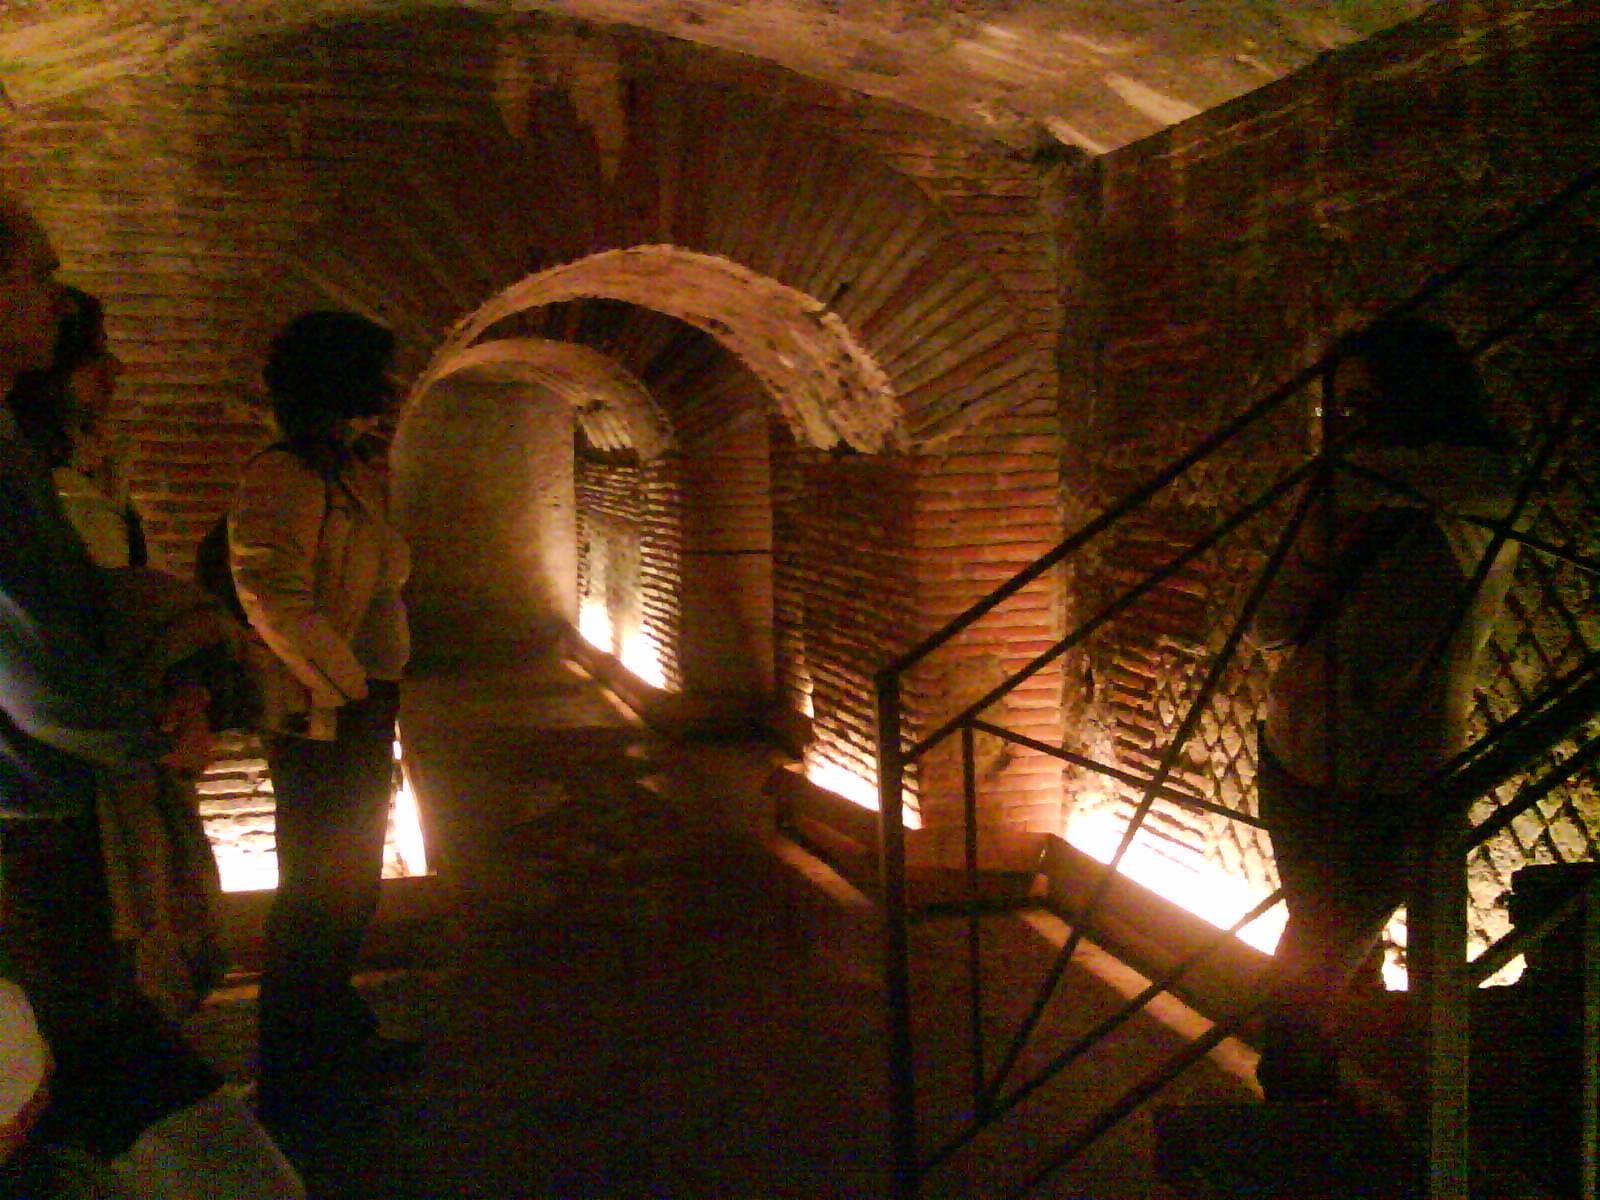 sotterranea fuori6